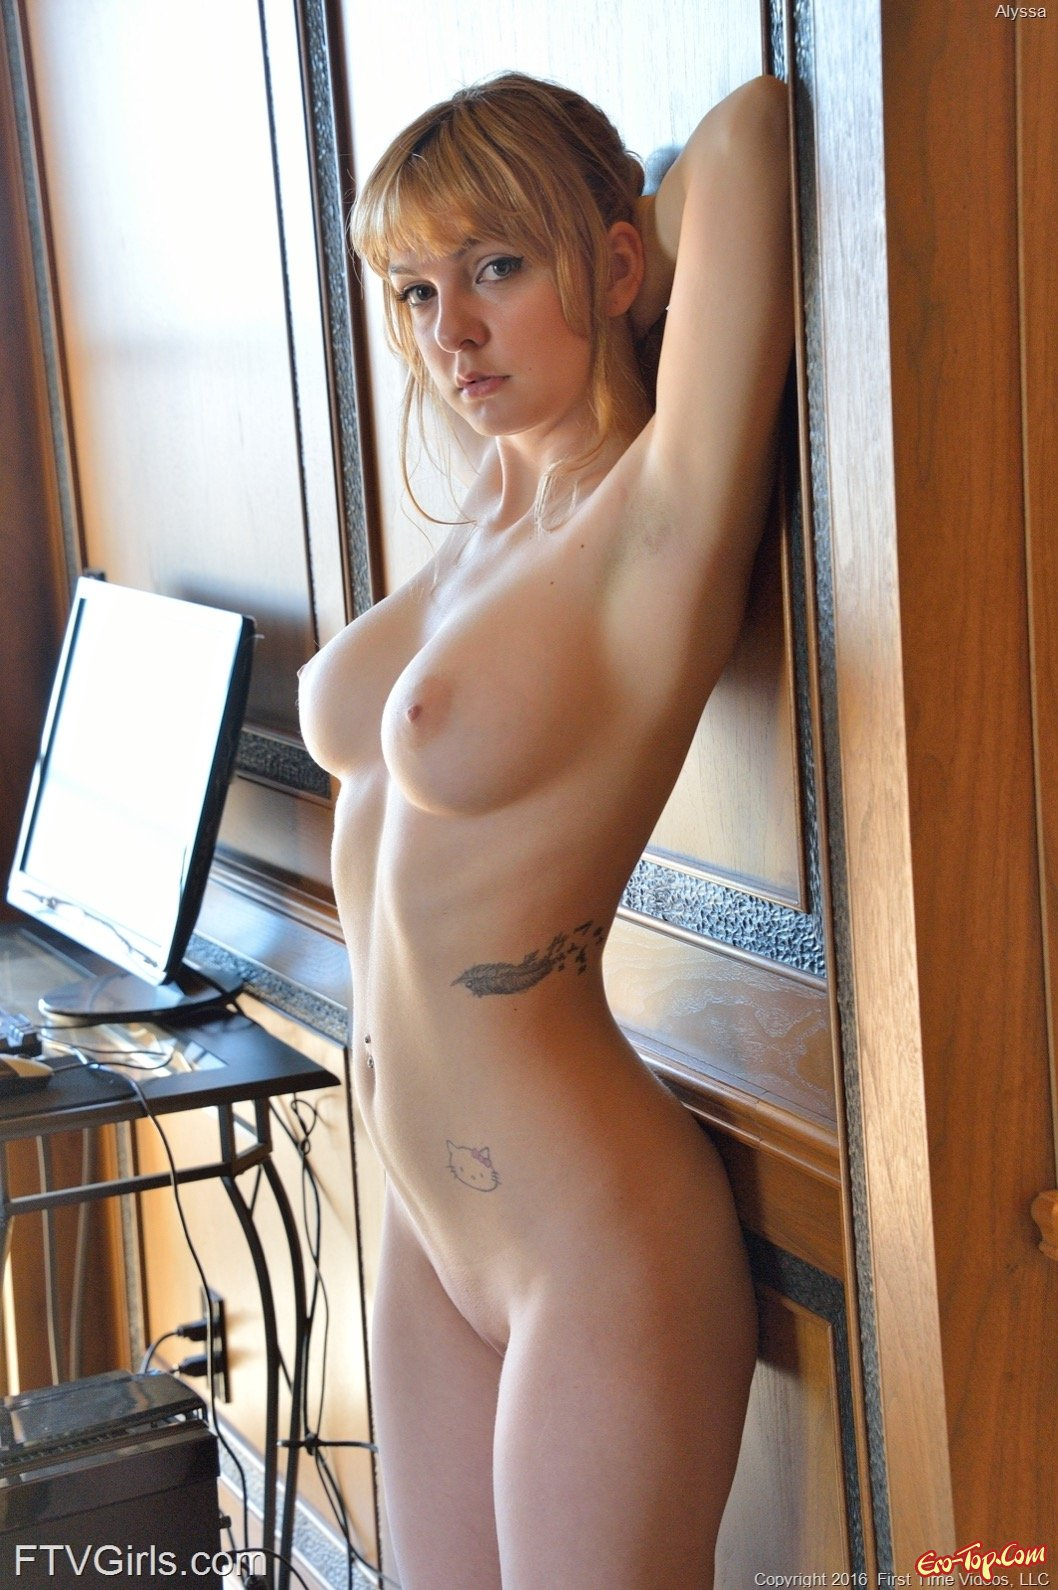 Сняв платье и бельё голая девушка позирует в доме